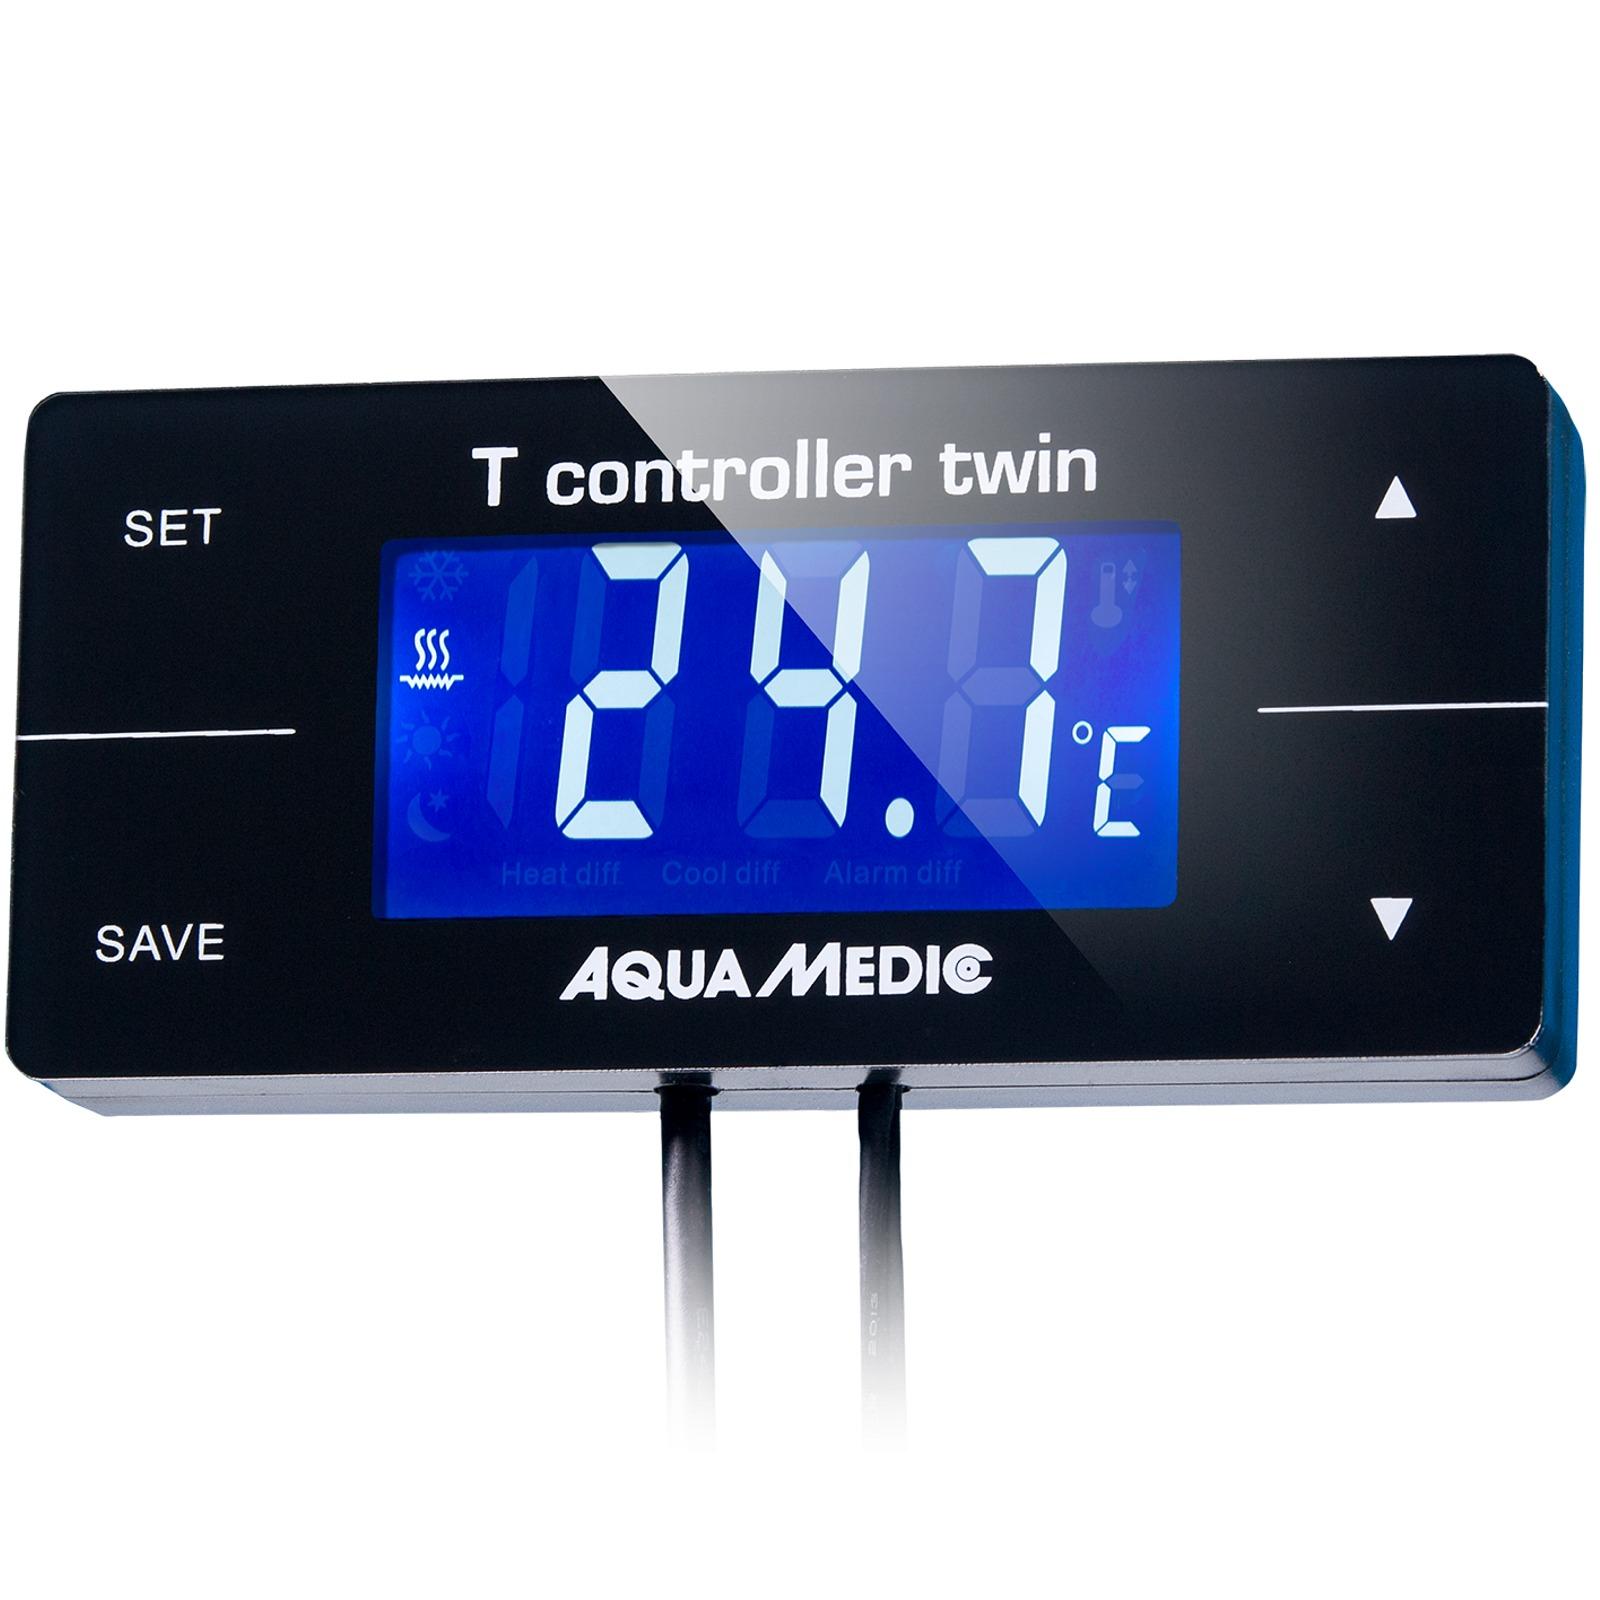 AQUA MEDIC T Controller Twin contrôleur numérique de température avec double prise pour groupe froid et chauffage